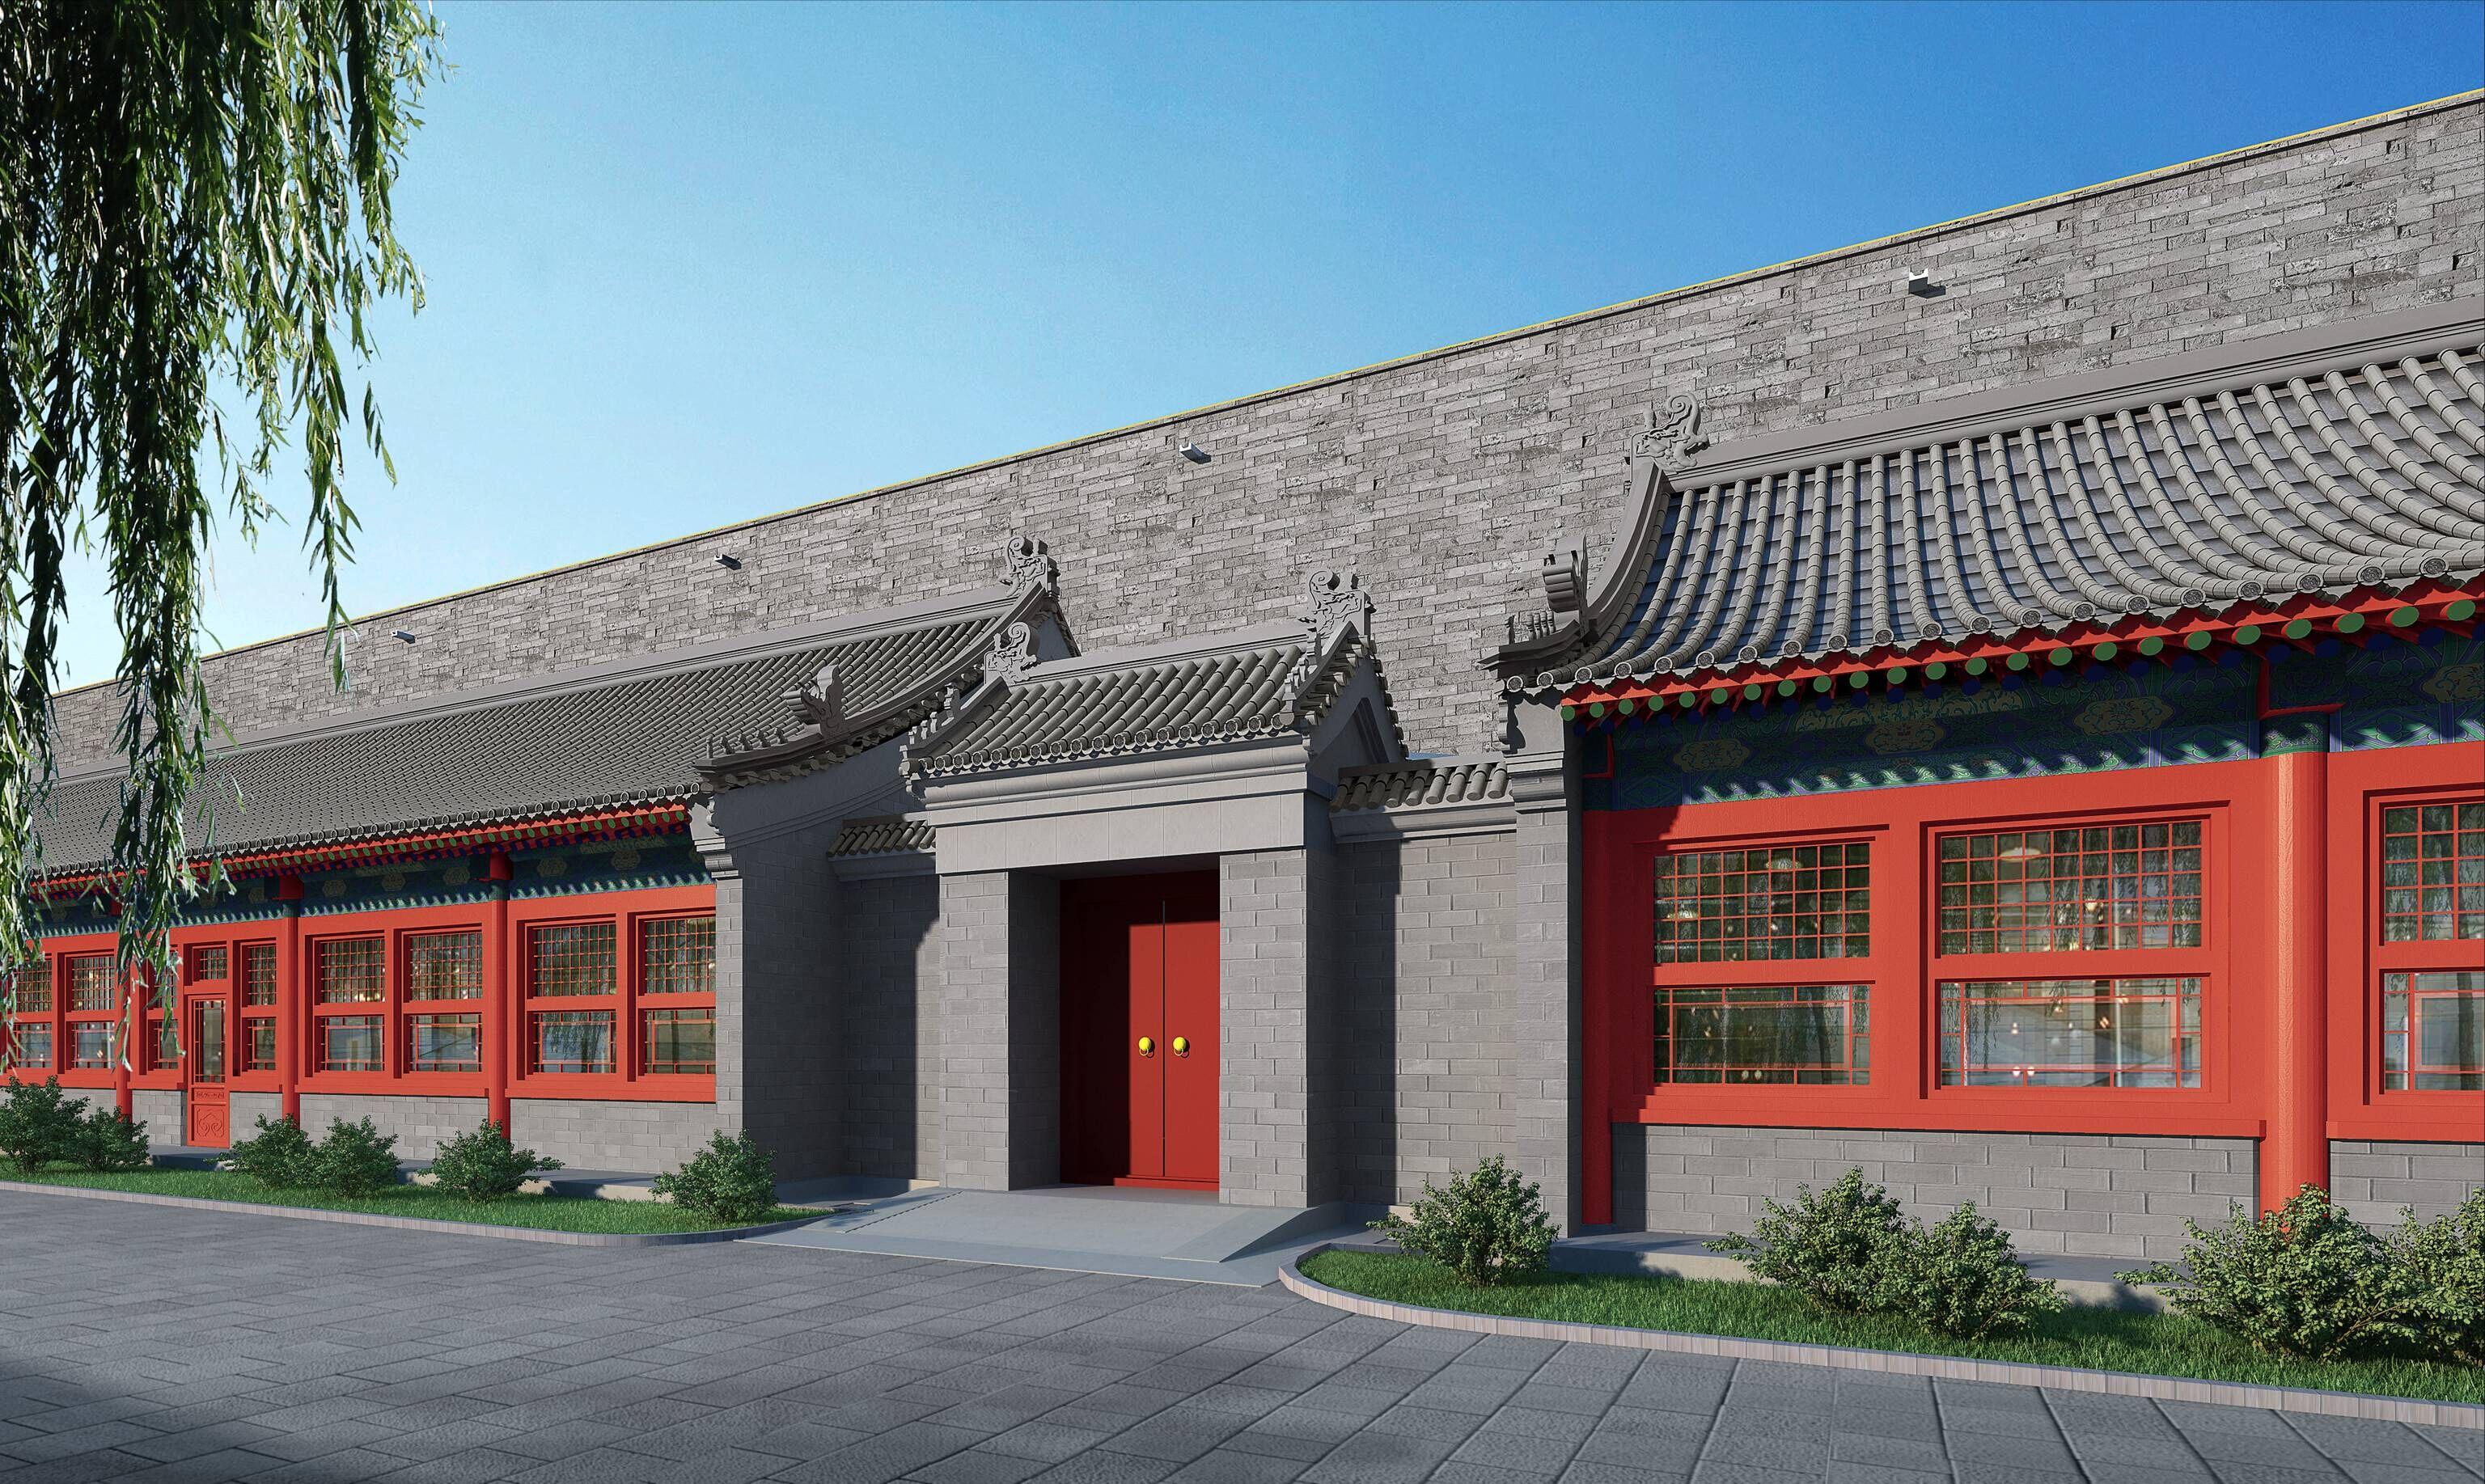 故宫博物院文物保护综合业务用房工程